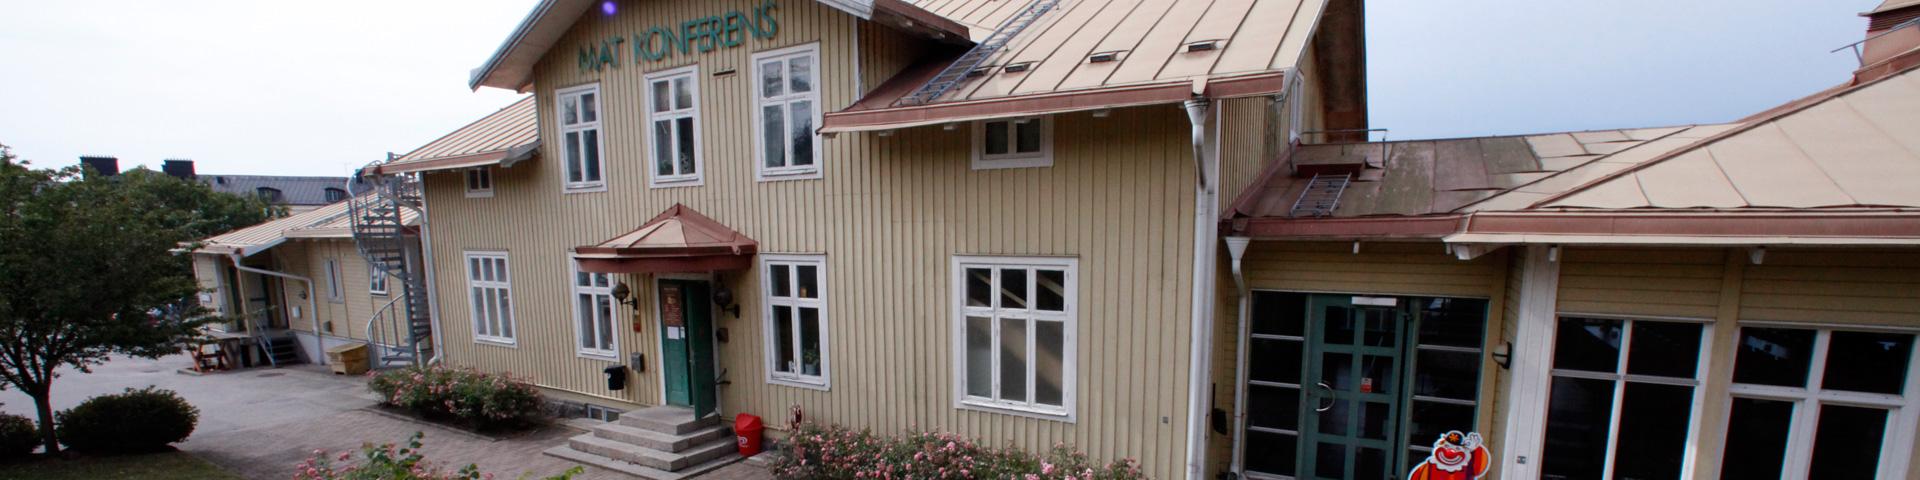 villa-oskar